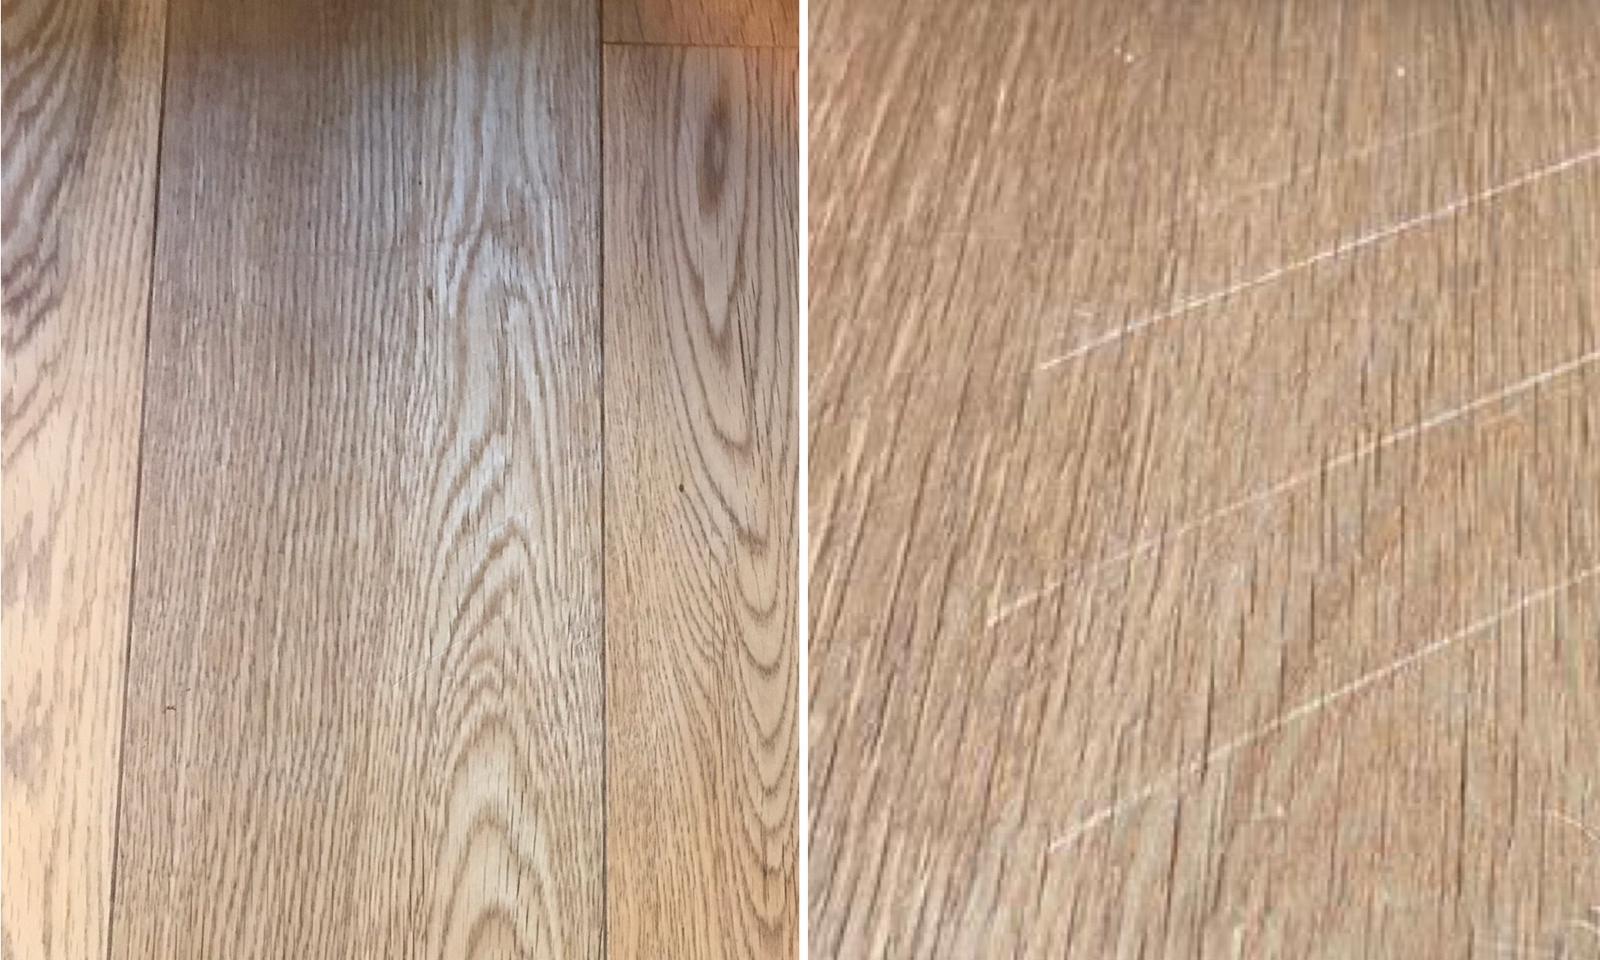 Repair Flooring Scratches